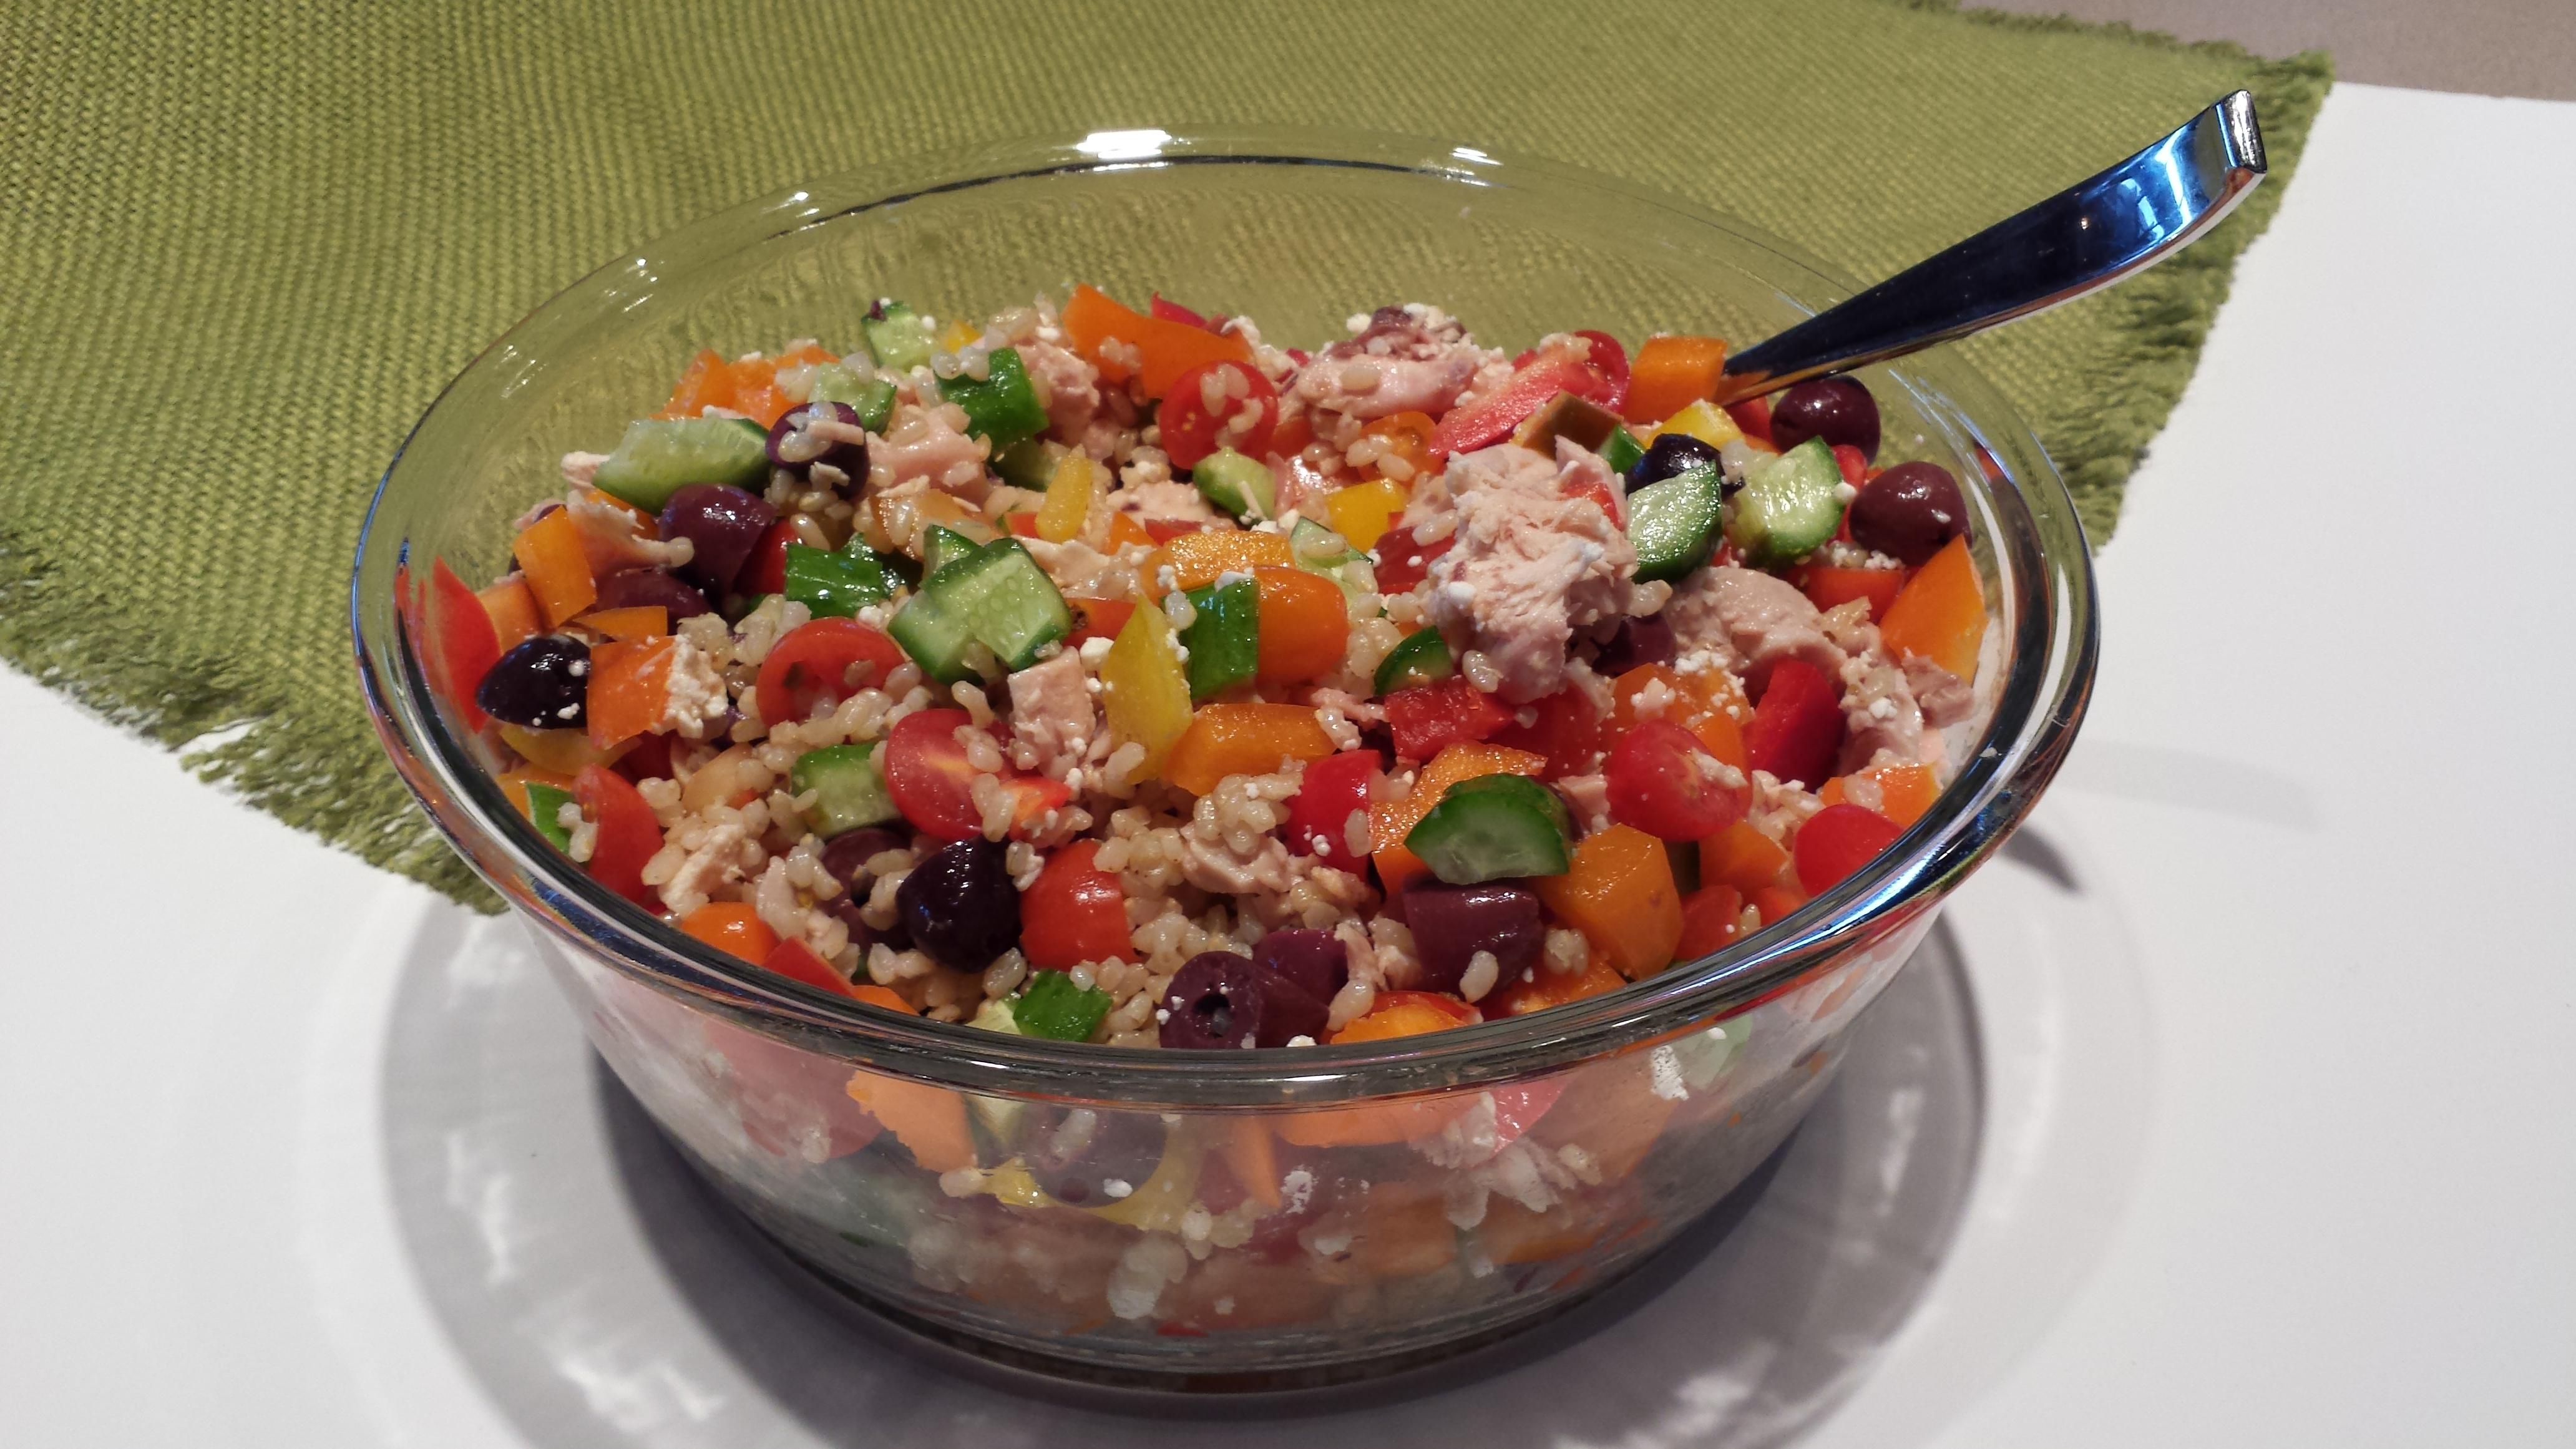 Greek Brown Rice Salad Recipe by Deborah Enos One Minute Wellness Coach